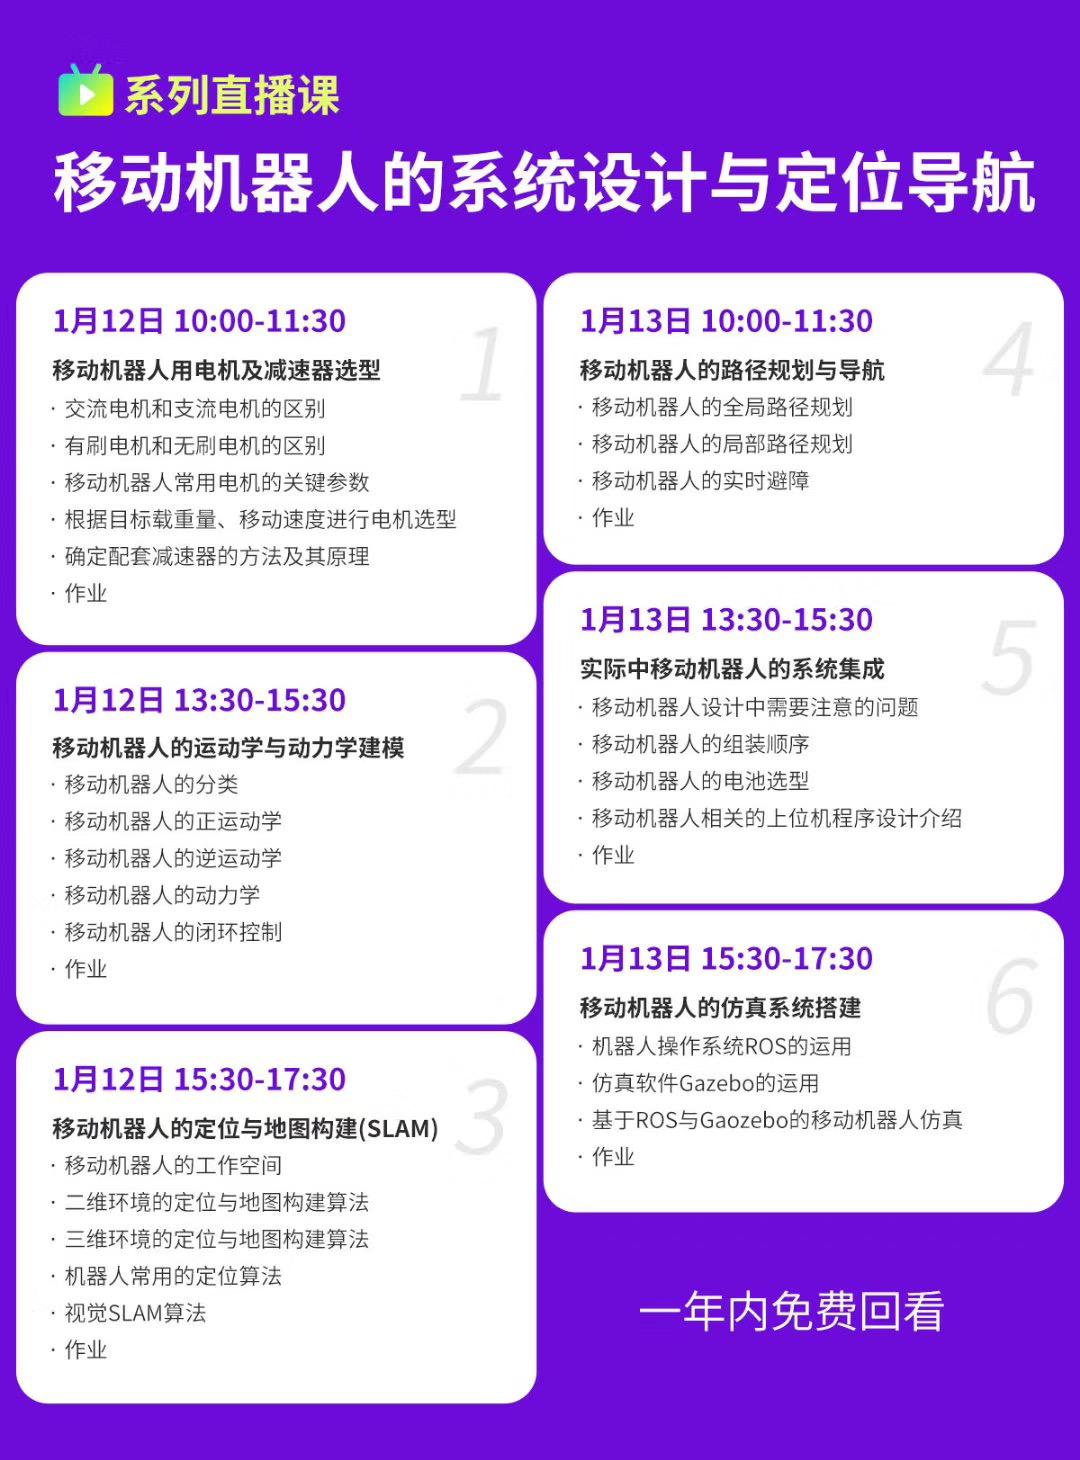 宁波大学官网_2019移动机器人的系统设计与定位导航(线上直播课)_门票优惠 ...